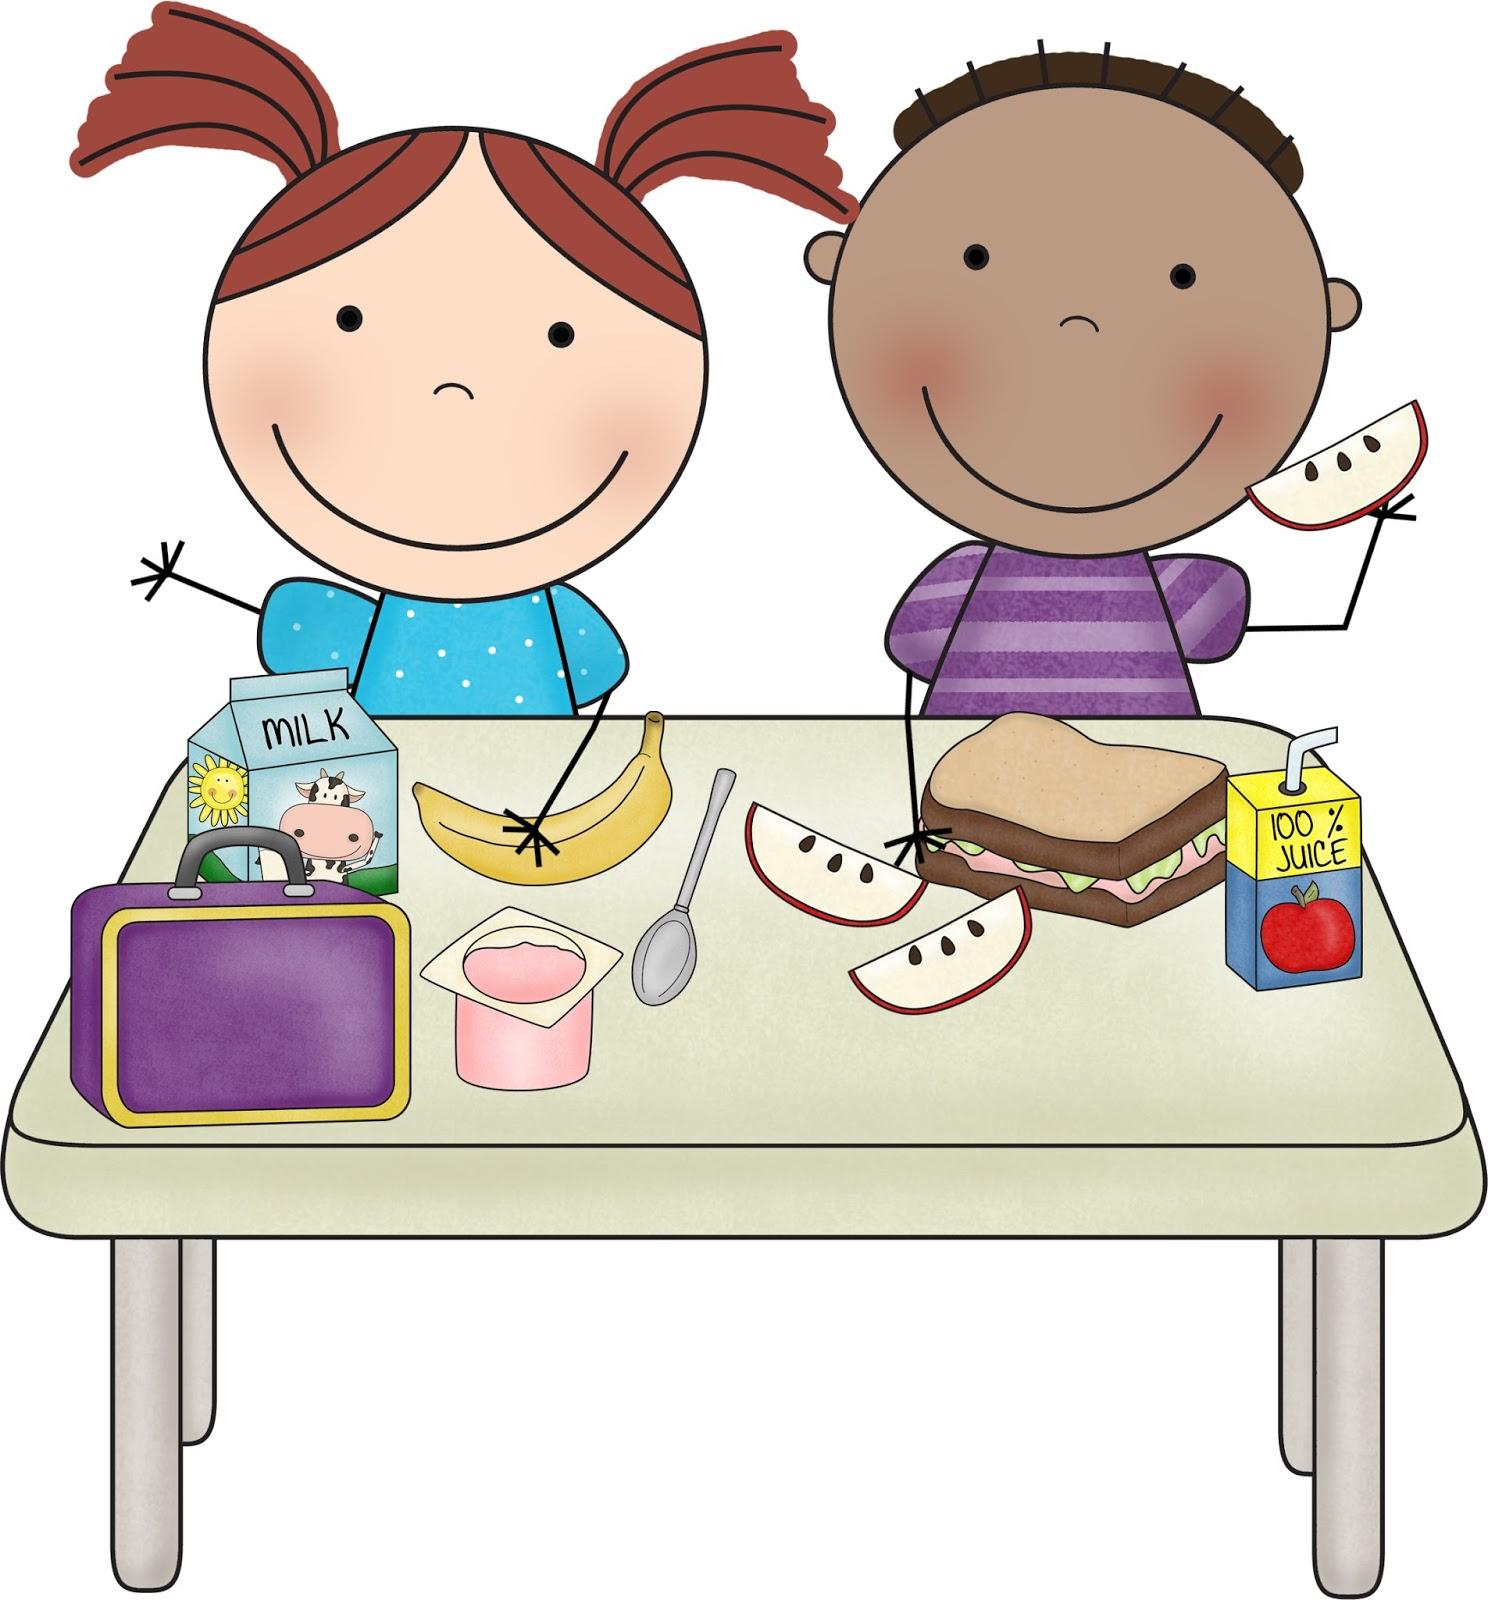 Lunch kindergarten clipart vector free Lunch kindergarten clipart - ClipartFest vector free